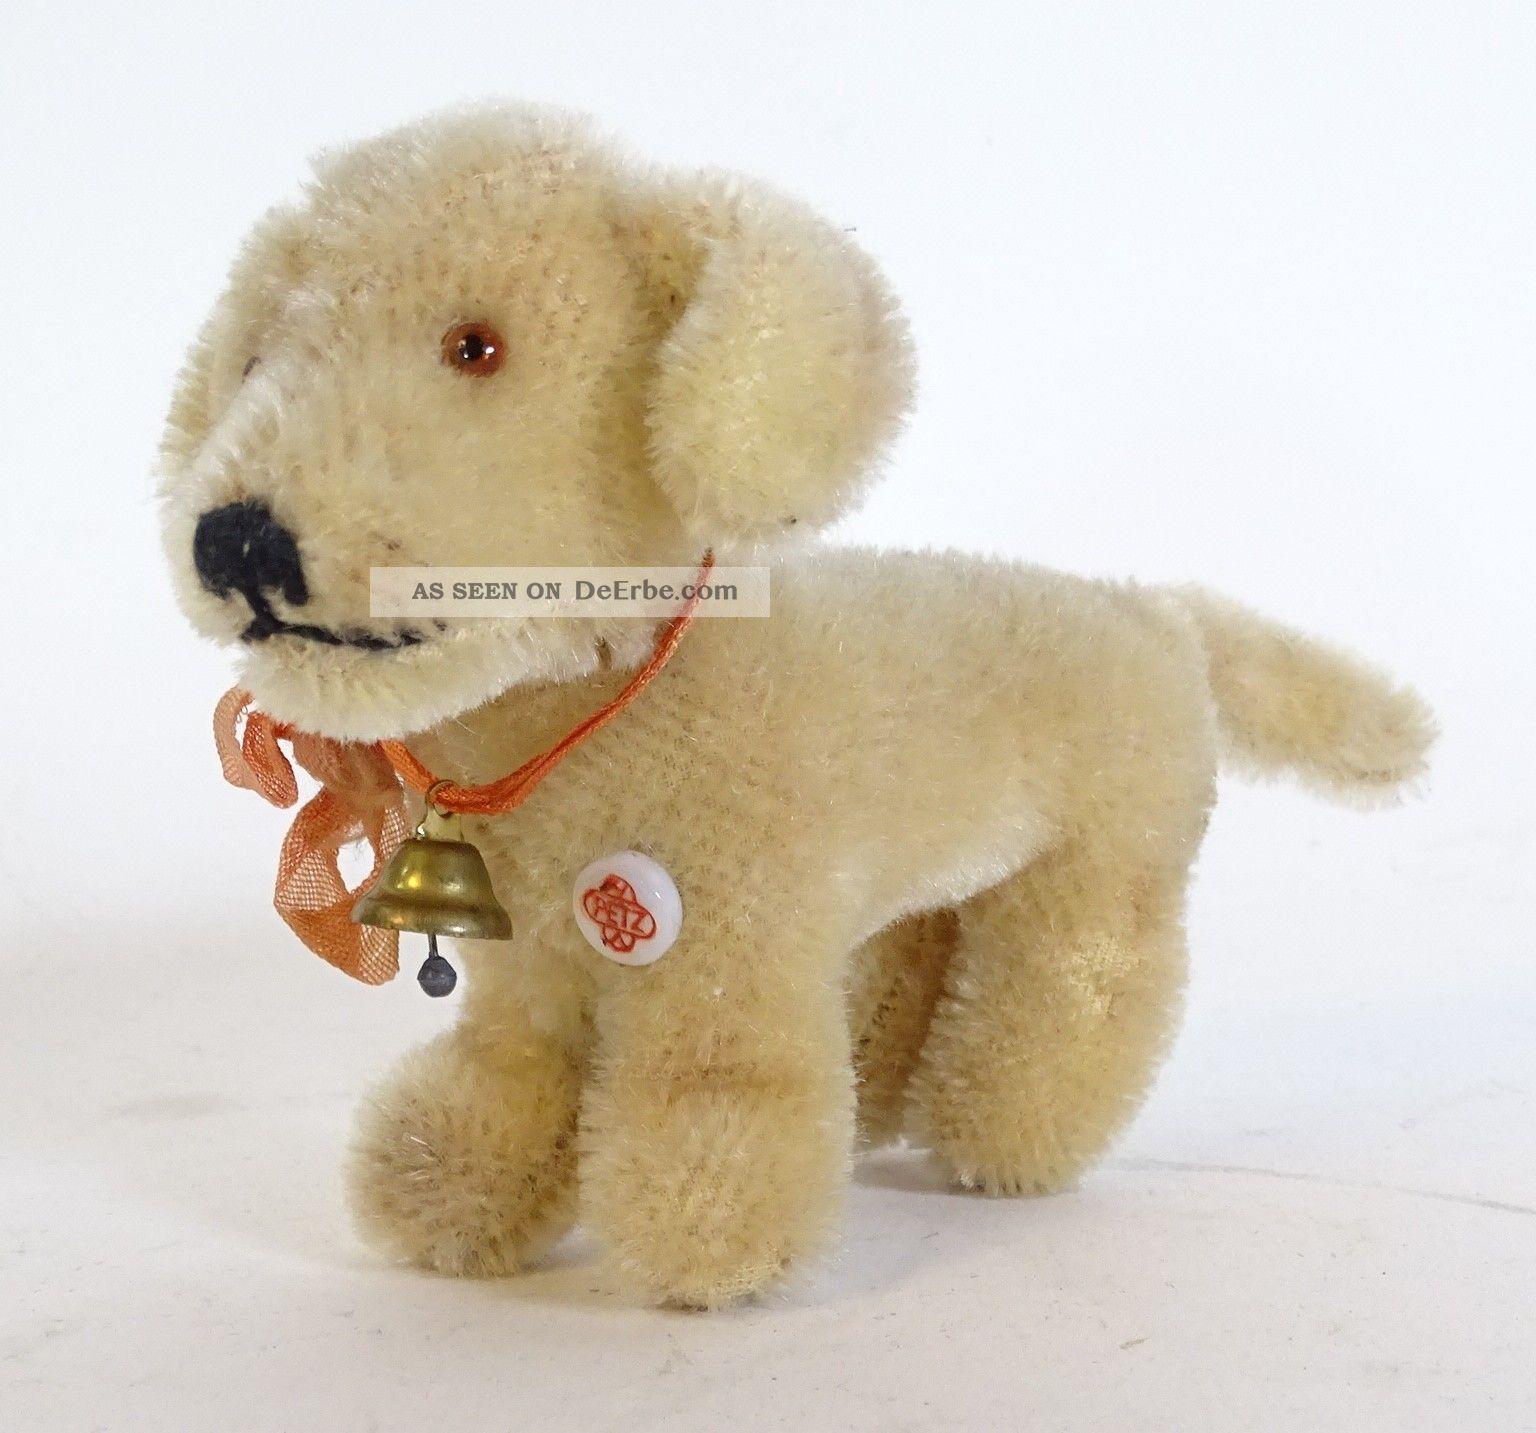 Seltener Antiker Mohair Petz Dackel Hund Hart Gestopft Mit Glöckchen Stofftiere & Teddybären Bild